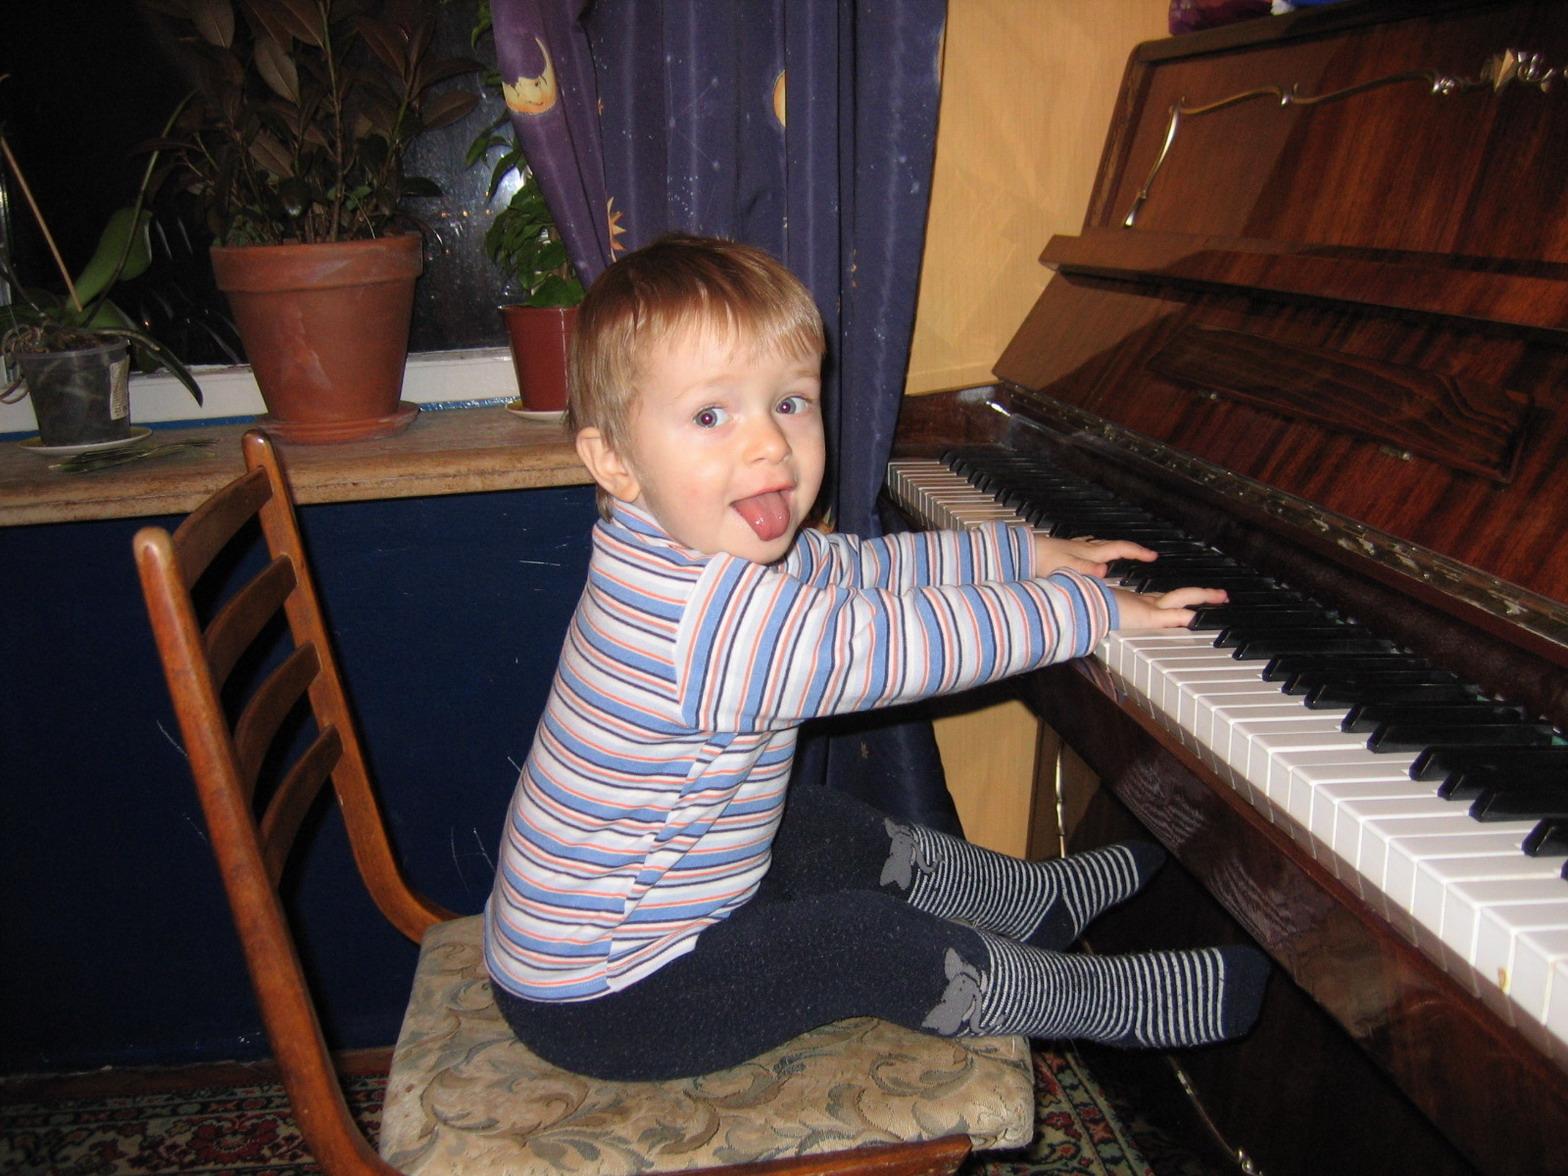 А теперь на бис.... Дети и музыка